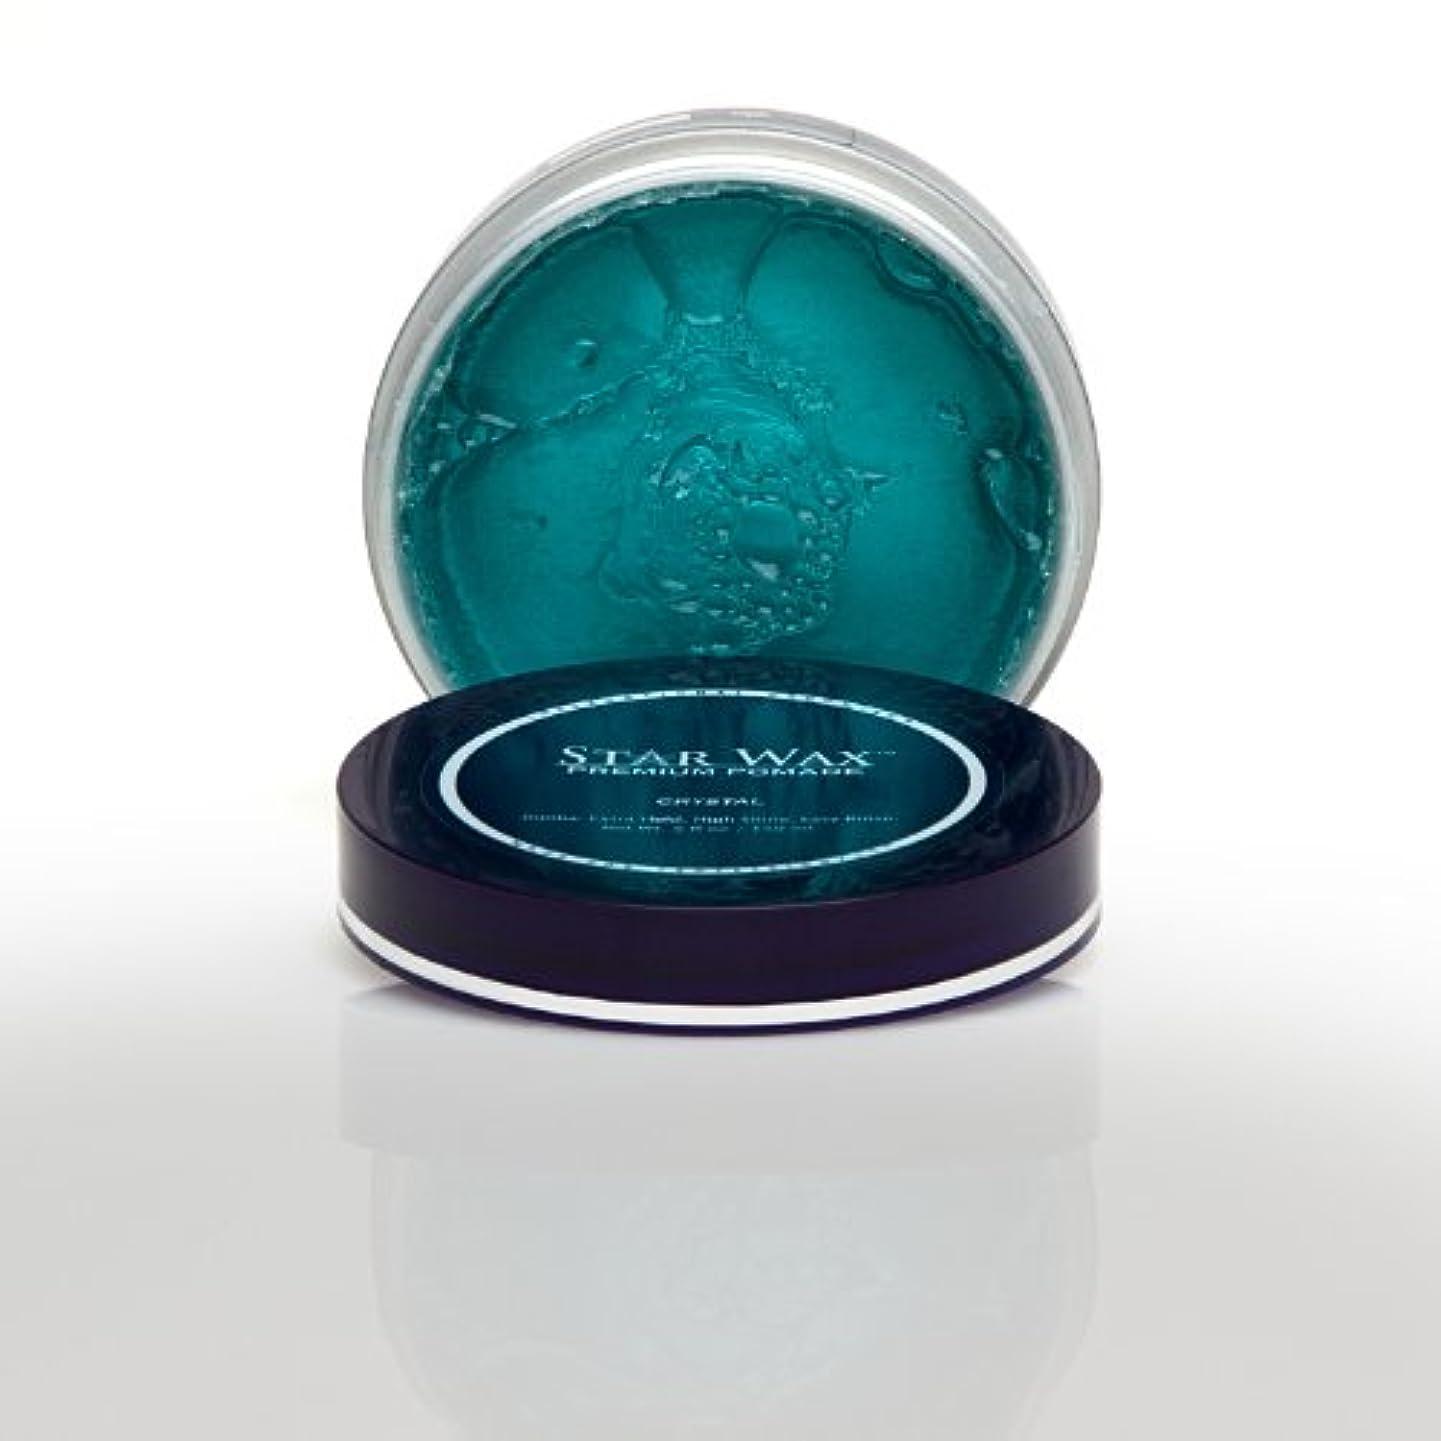 書くリベラルご意見Star Wax | Premium Pomade, Crystal(スターワックスプレミアム ポマード「クリスタル」)?Star Pro Line(スタープロライン)製?5(液量)オンス/150ml